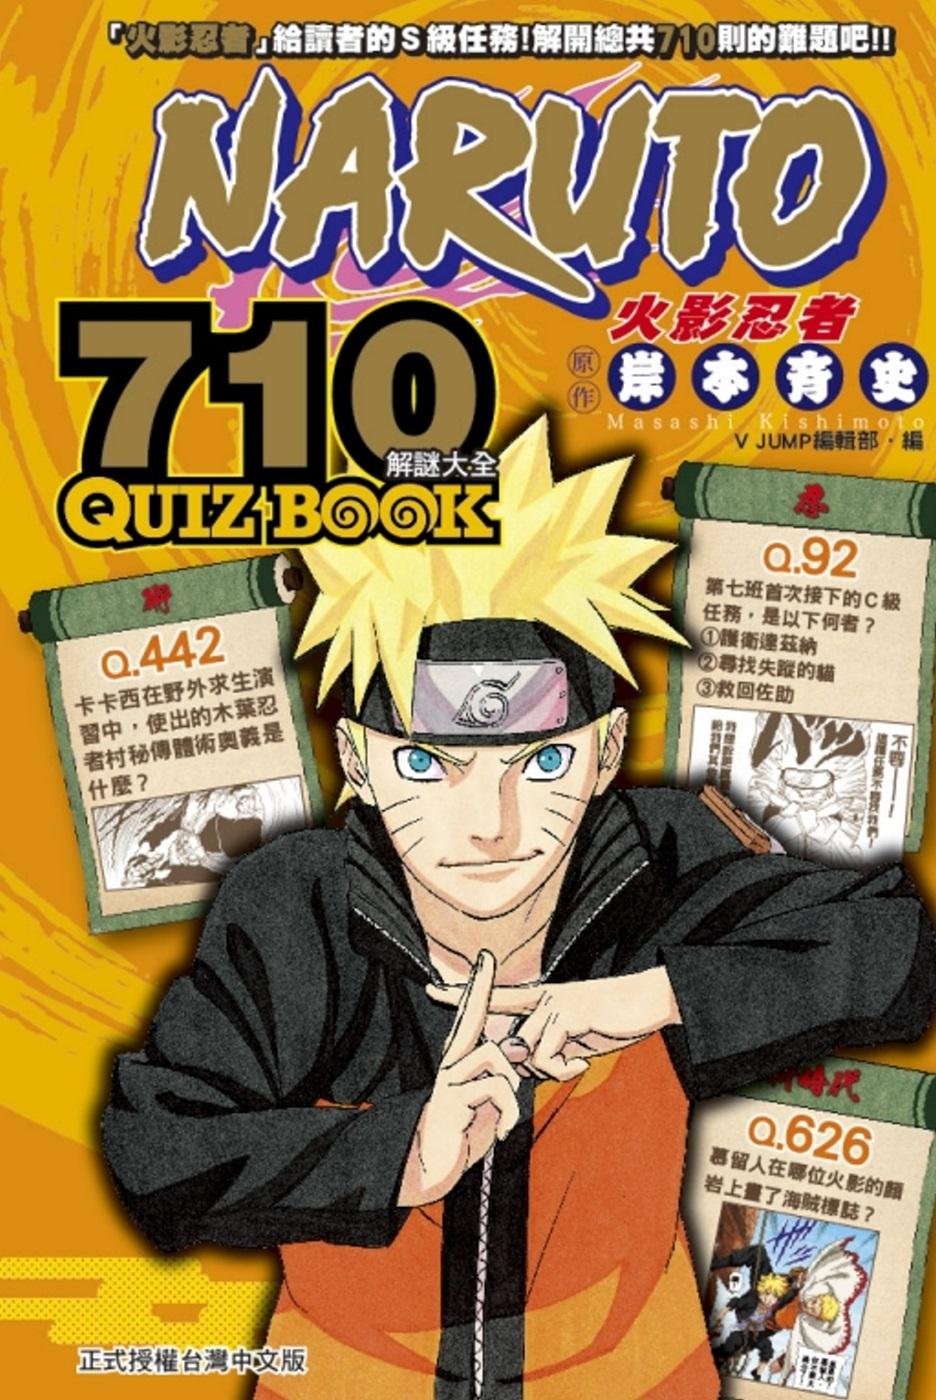 《火影忍者 710 解謎大全 全》 商品條碼,ISBN:9789864865970